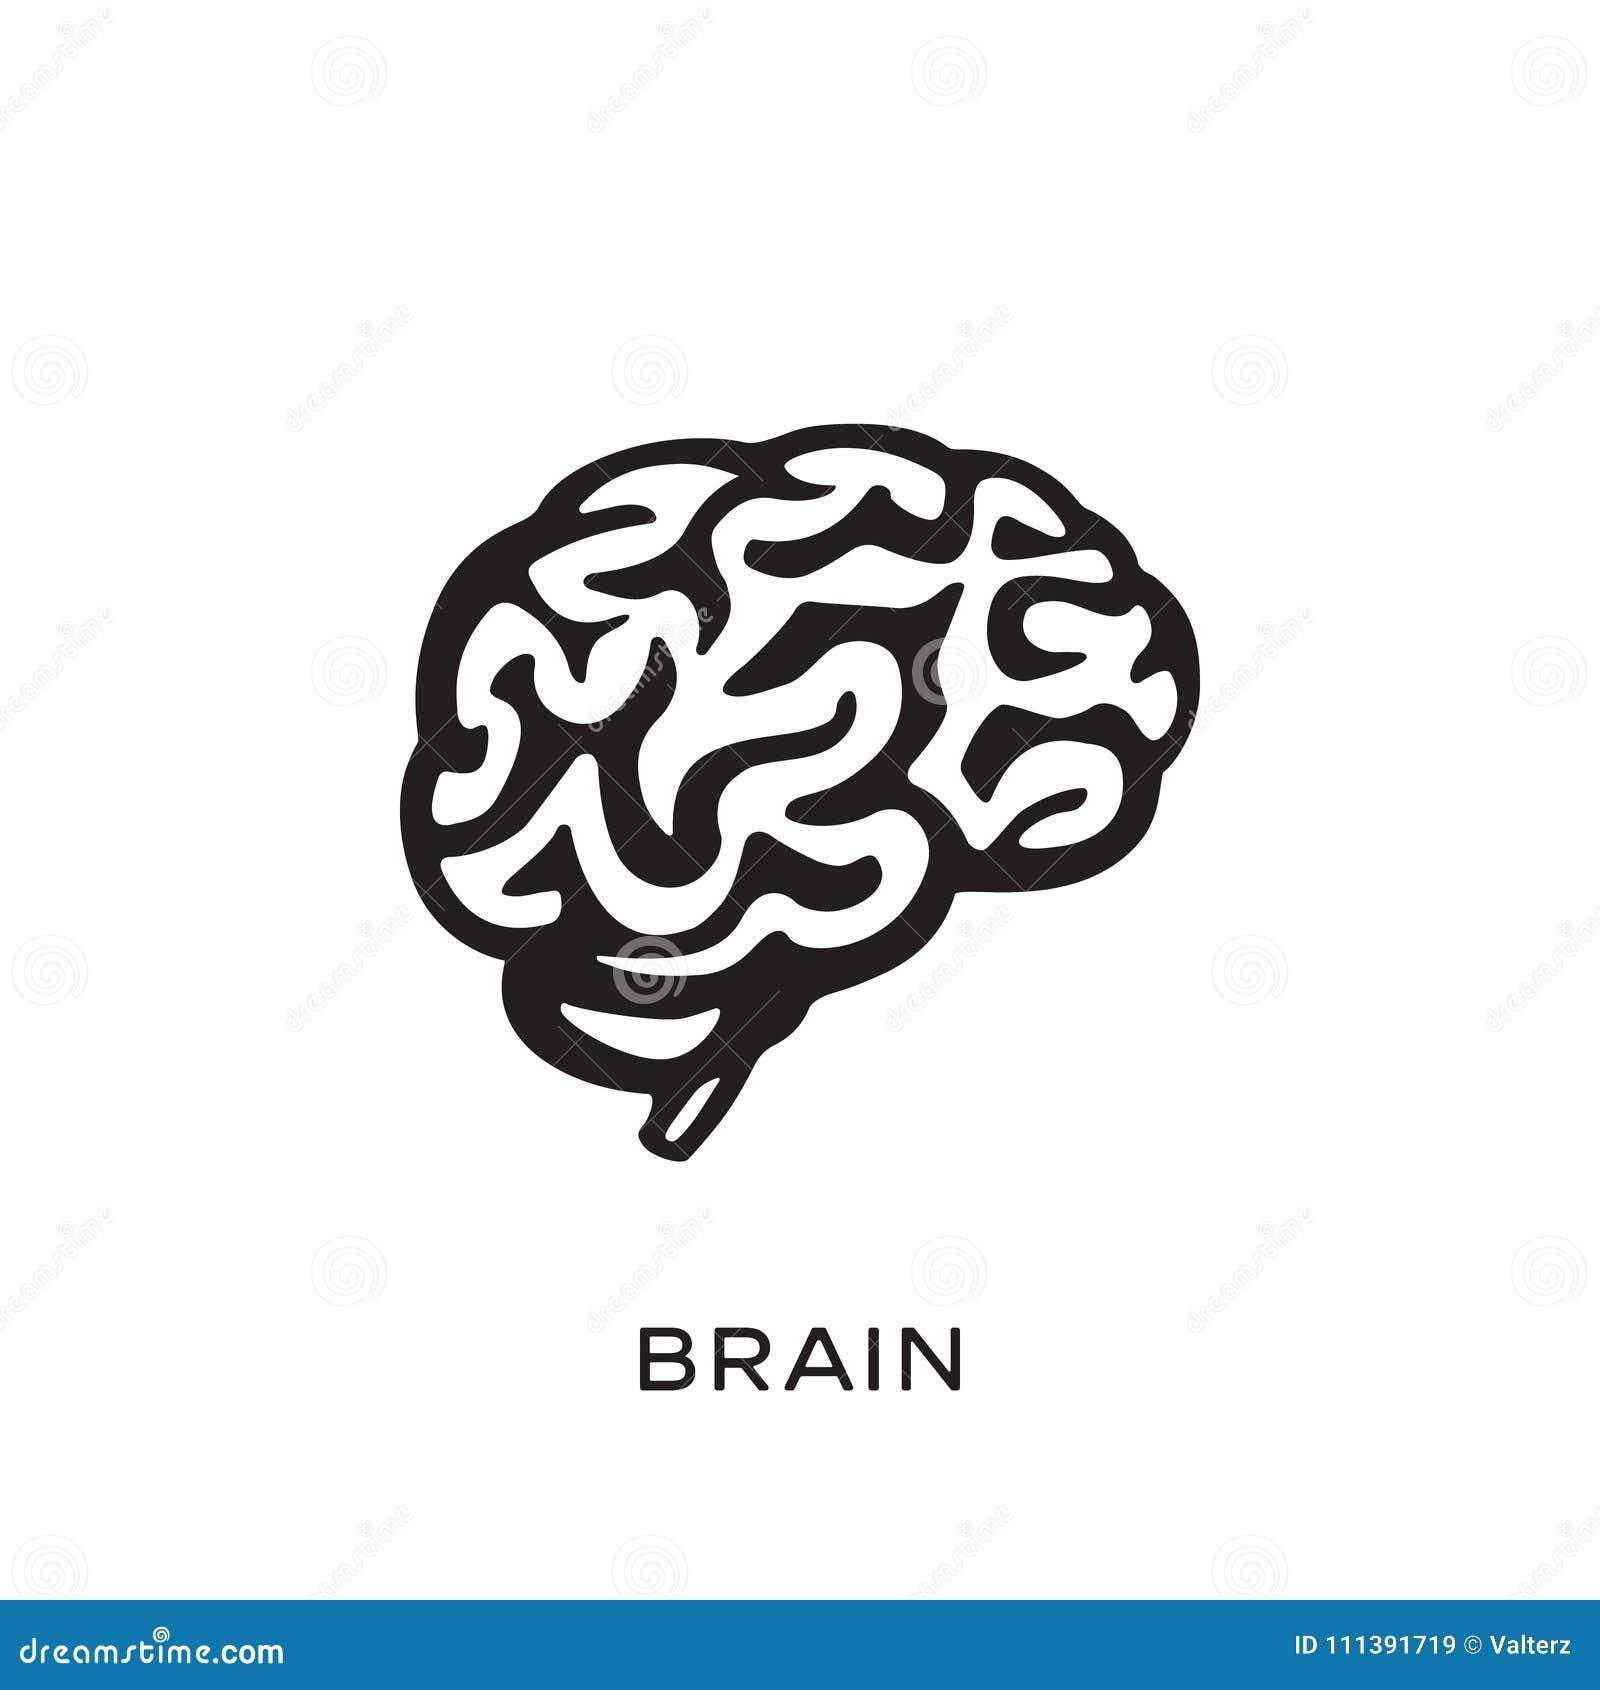 Illustrazione di vettore di progettazione della siluetta del cervello umano Pensi il concetto di idea brainstorm